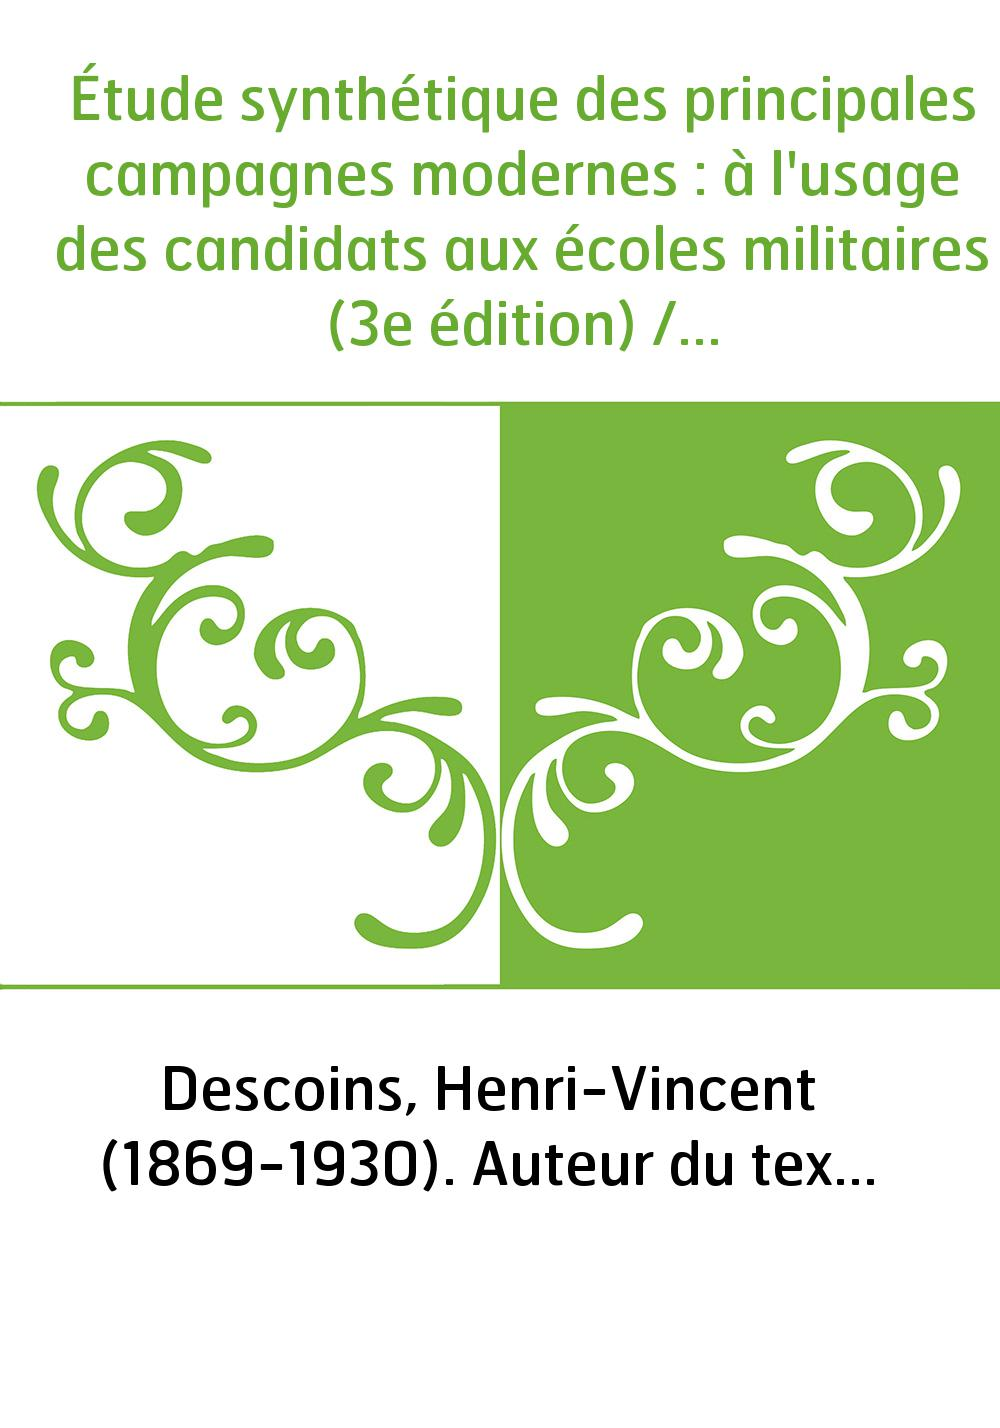 Étude synthétique des principales campagnes modernes : à l'usage des candidats aux écoles militaires (3e édition) / capitaine br